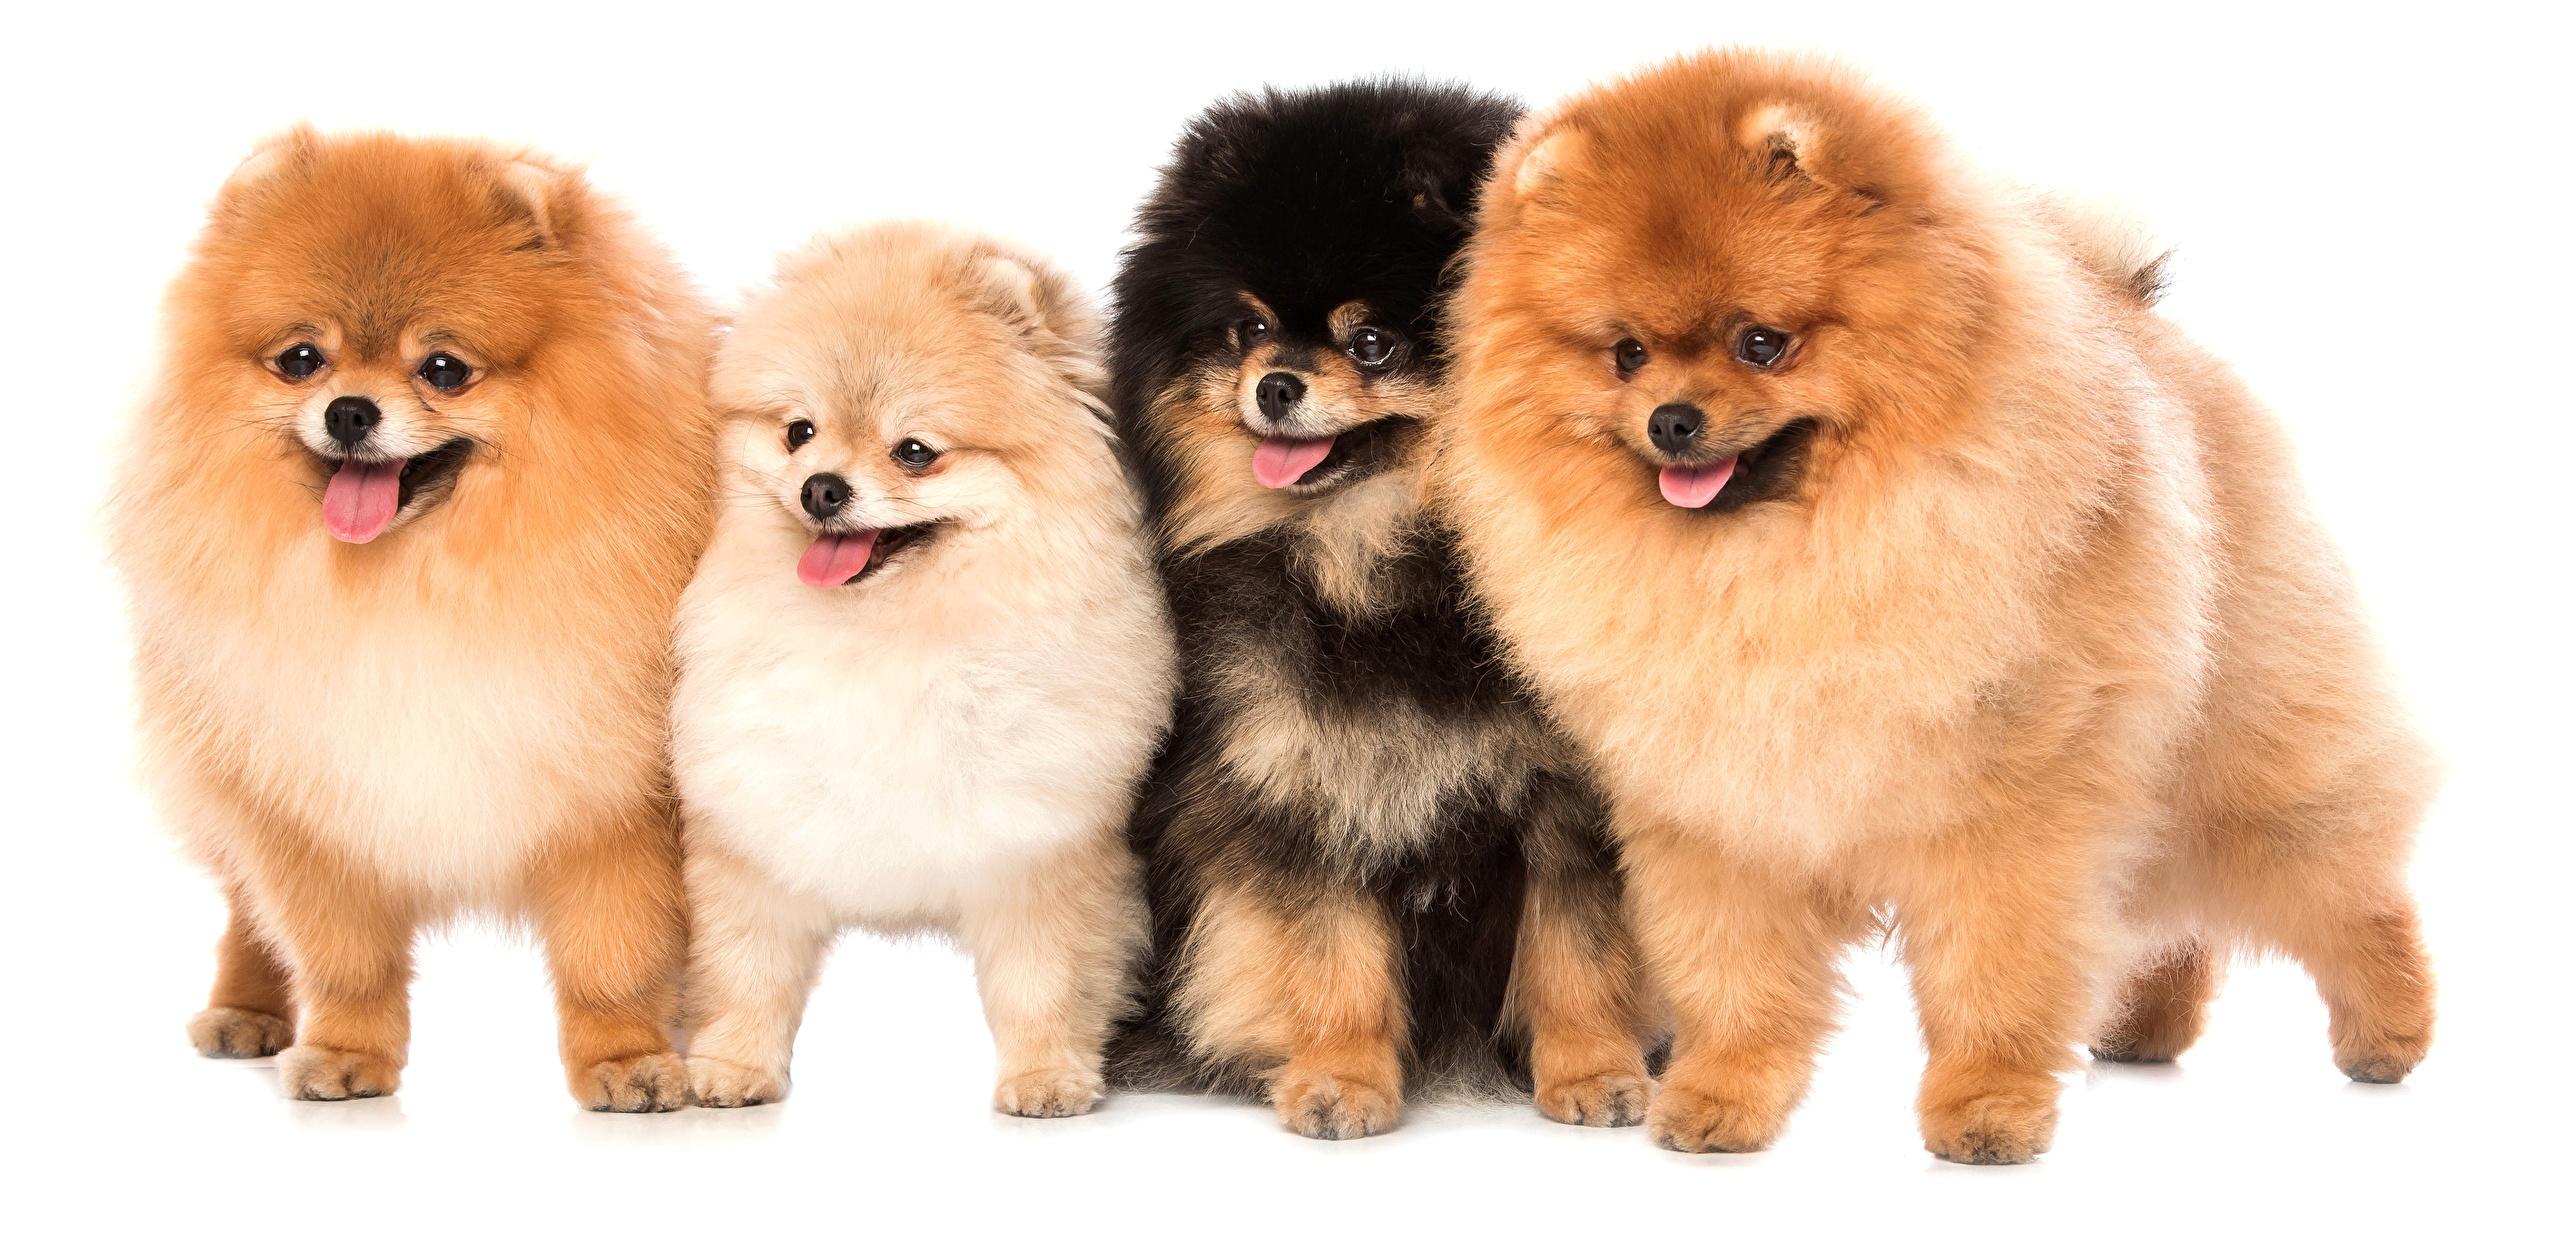 Лохматая и милая собачка Померанский шпиц: окрасы породы и описание